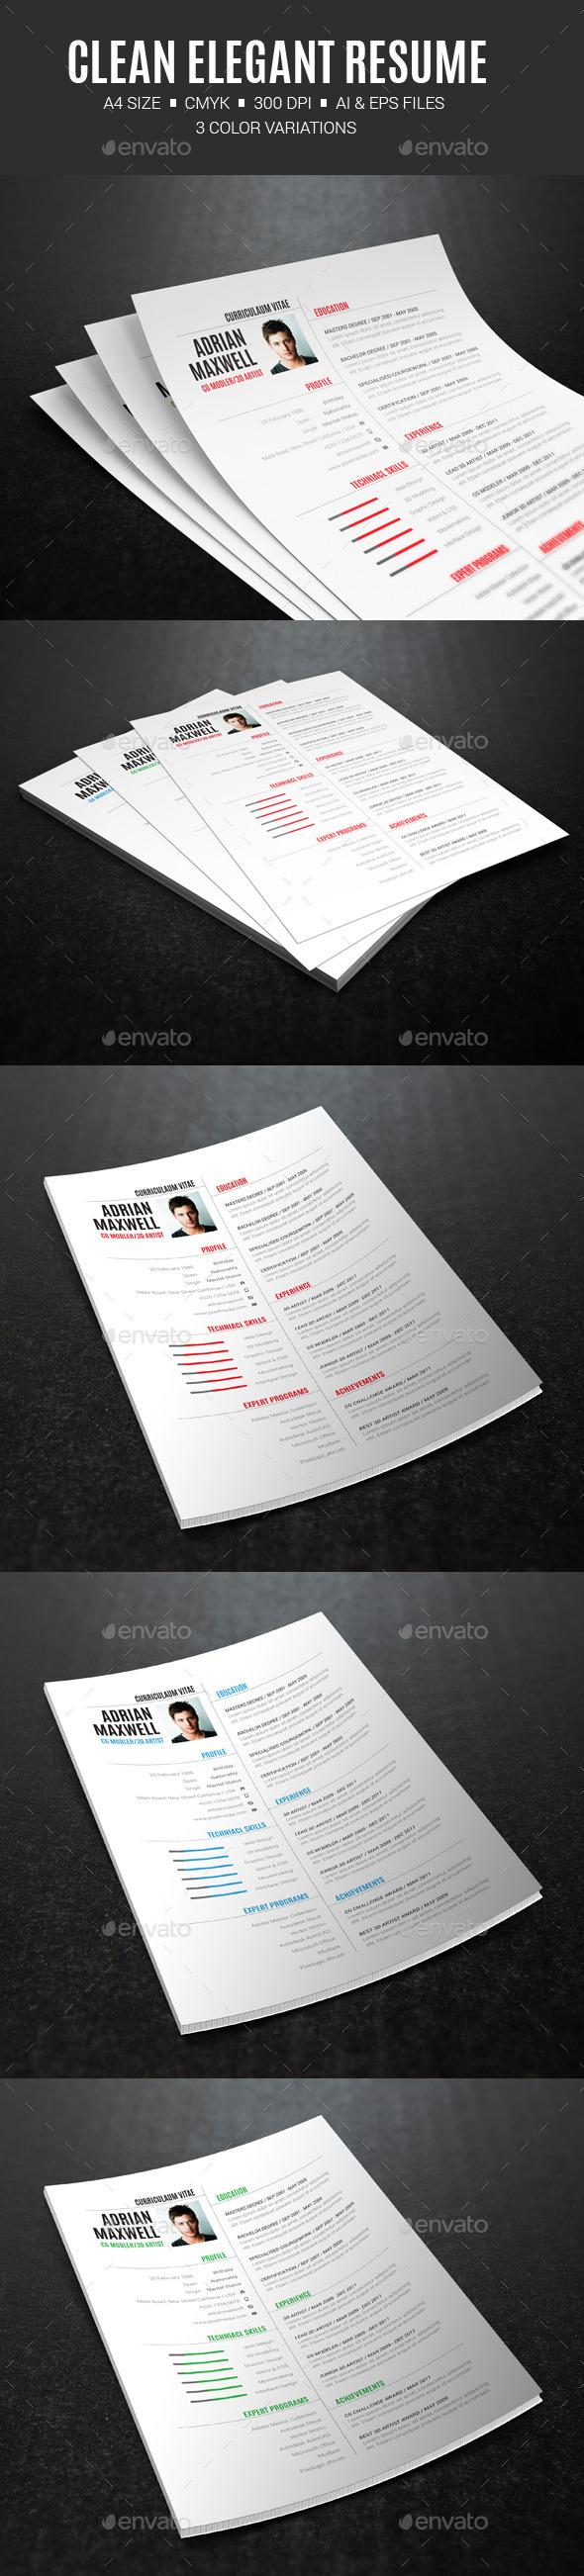 GraphicRiver Clean Elegant Resume 10402869